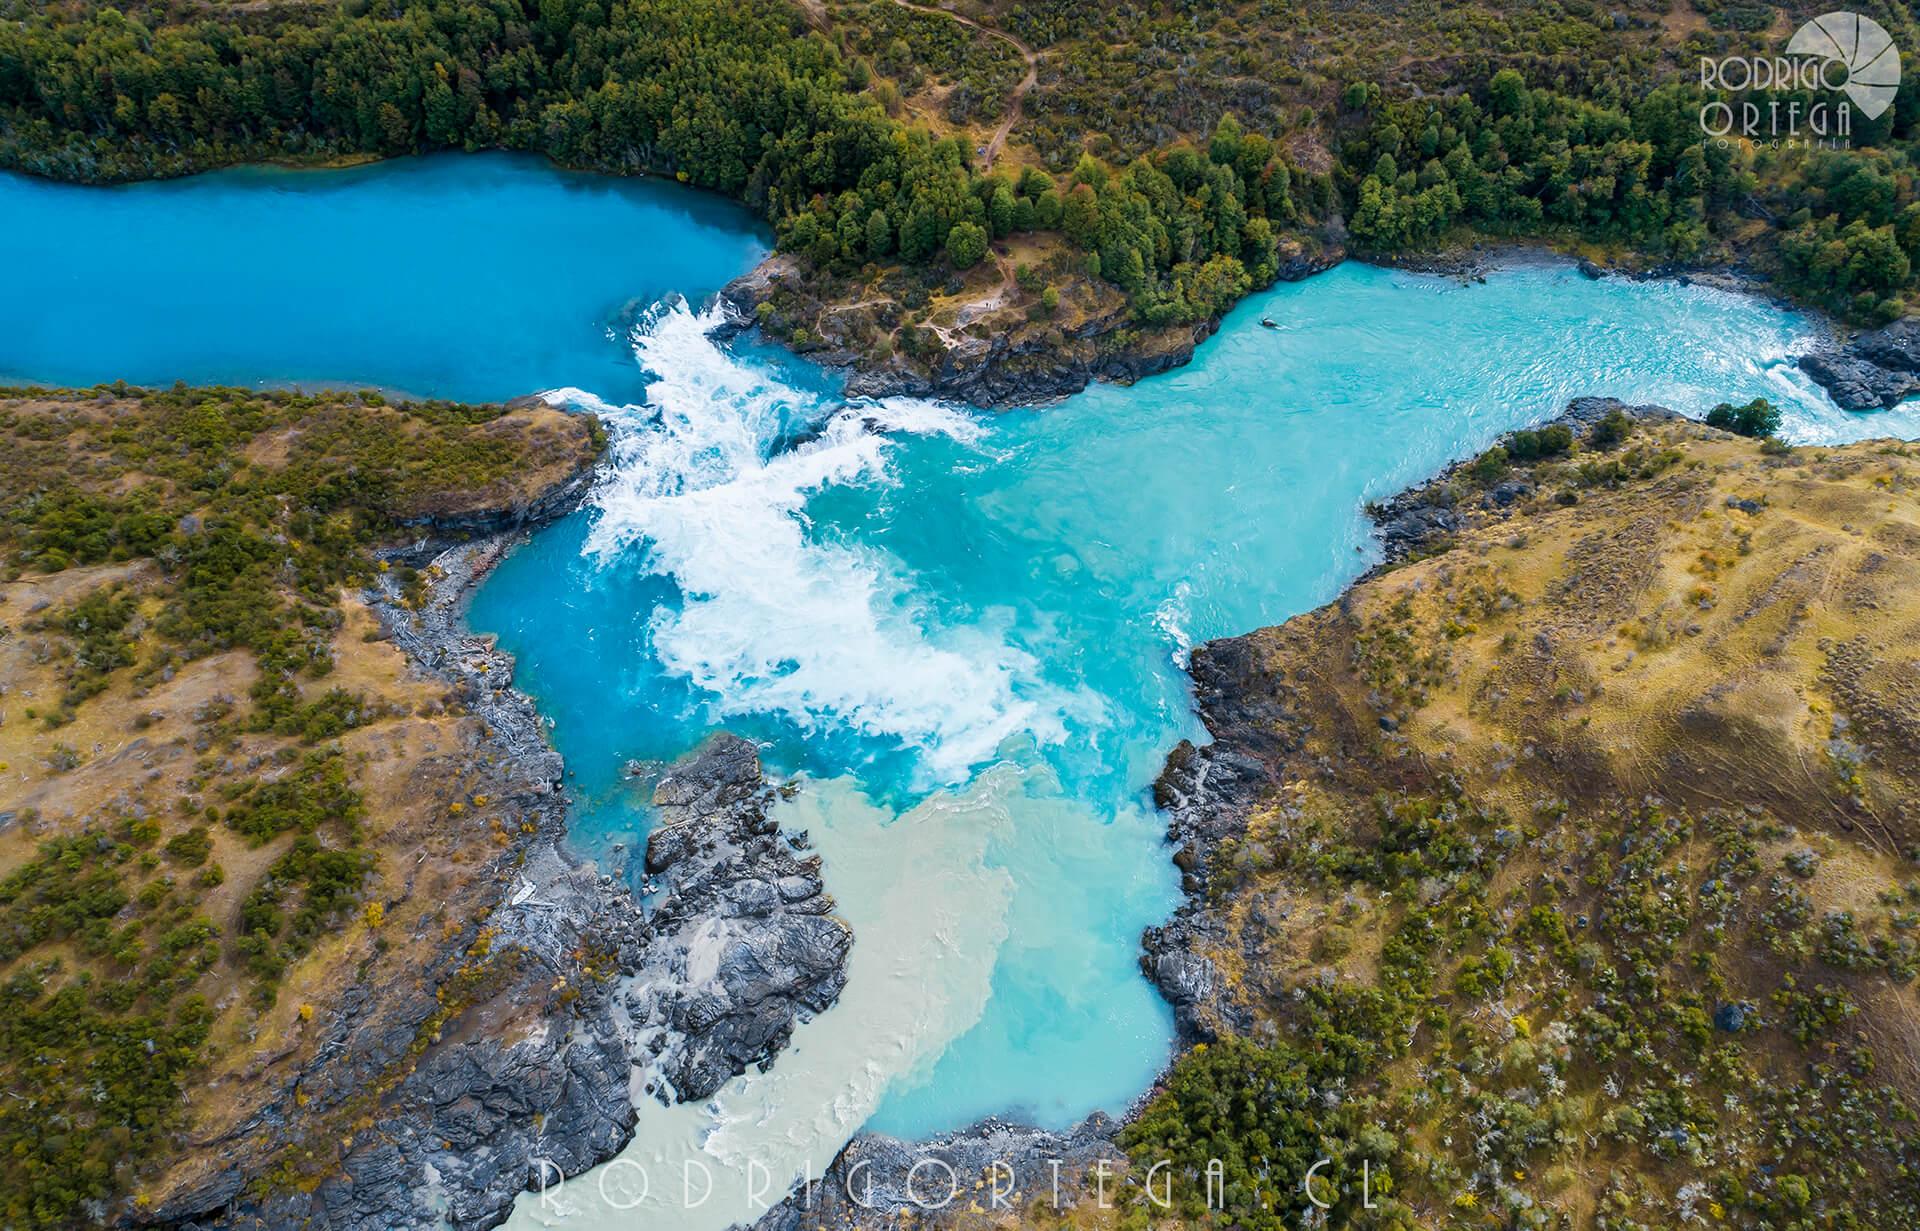 Confluencia Río Baker y Neff, Región de Aysén